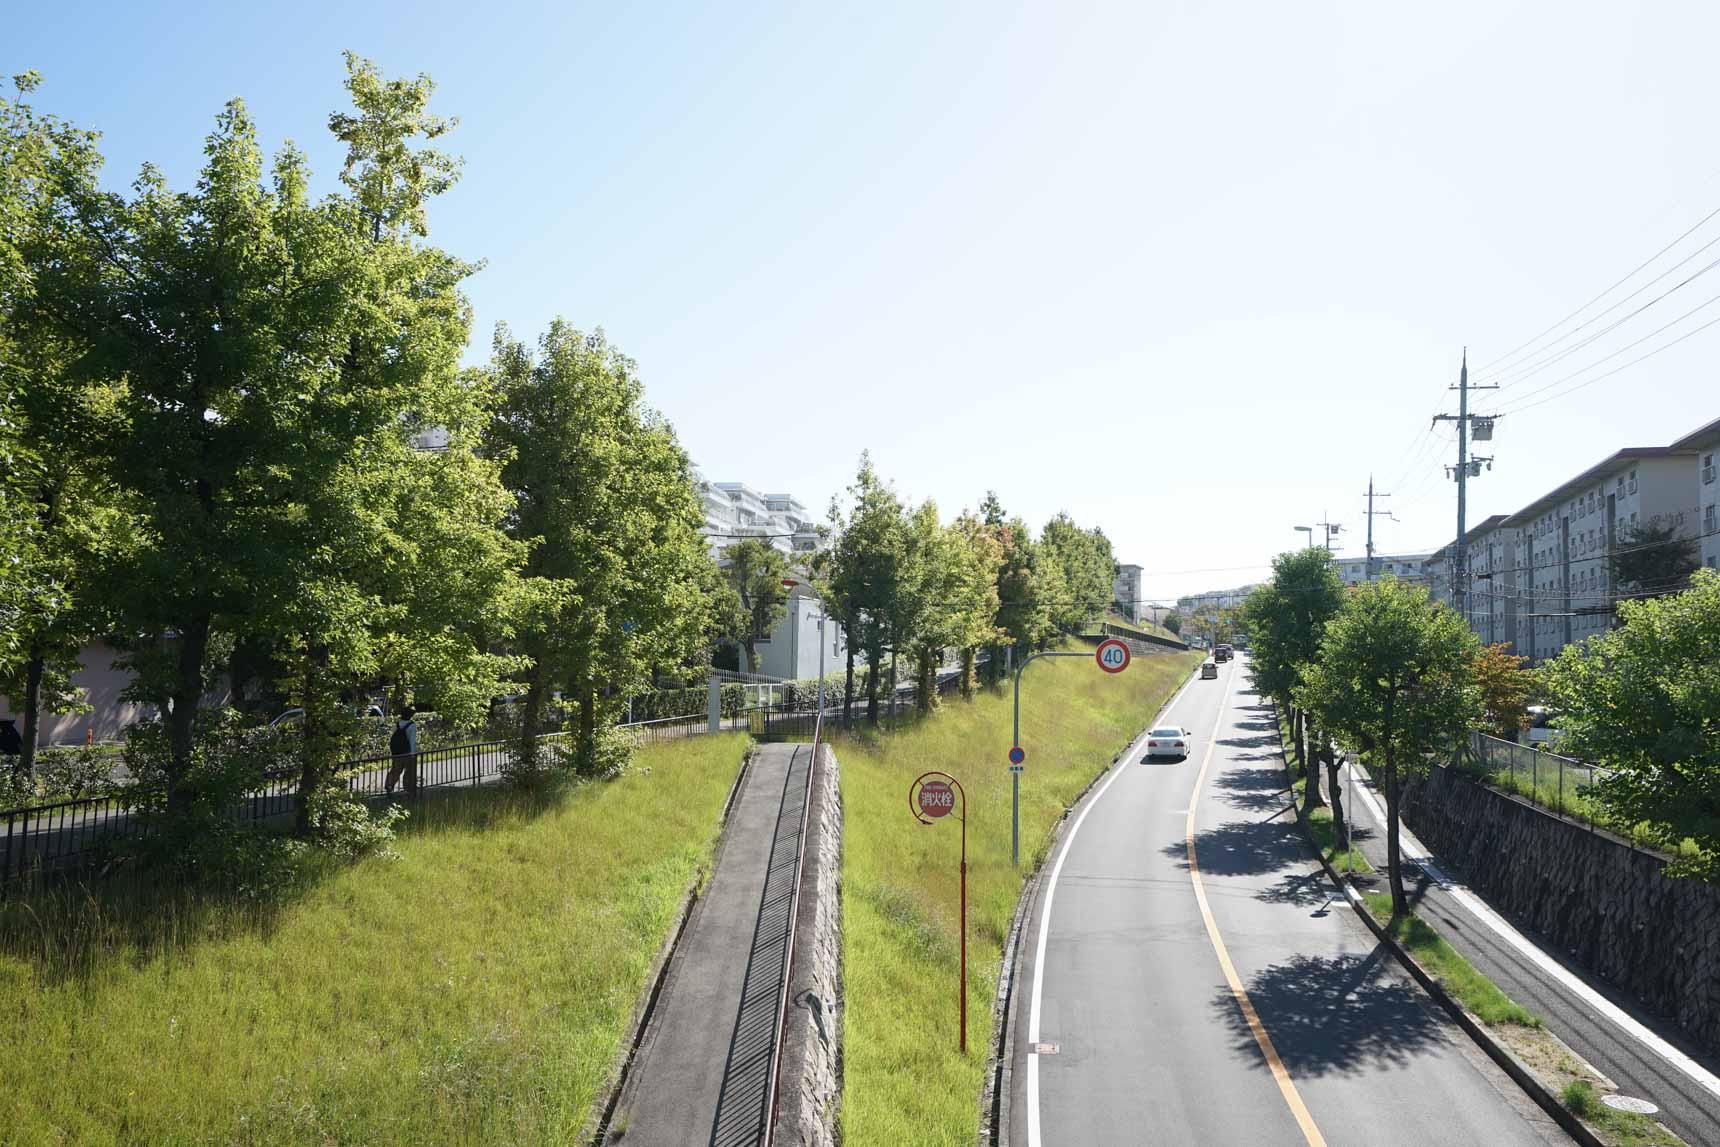 車道から1段高い位置に歩道が設けられているので、とても安心できます。